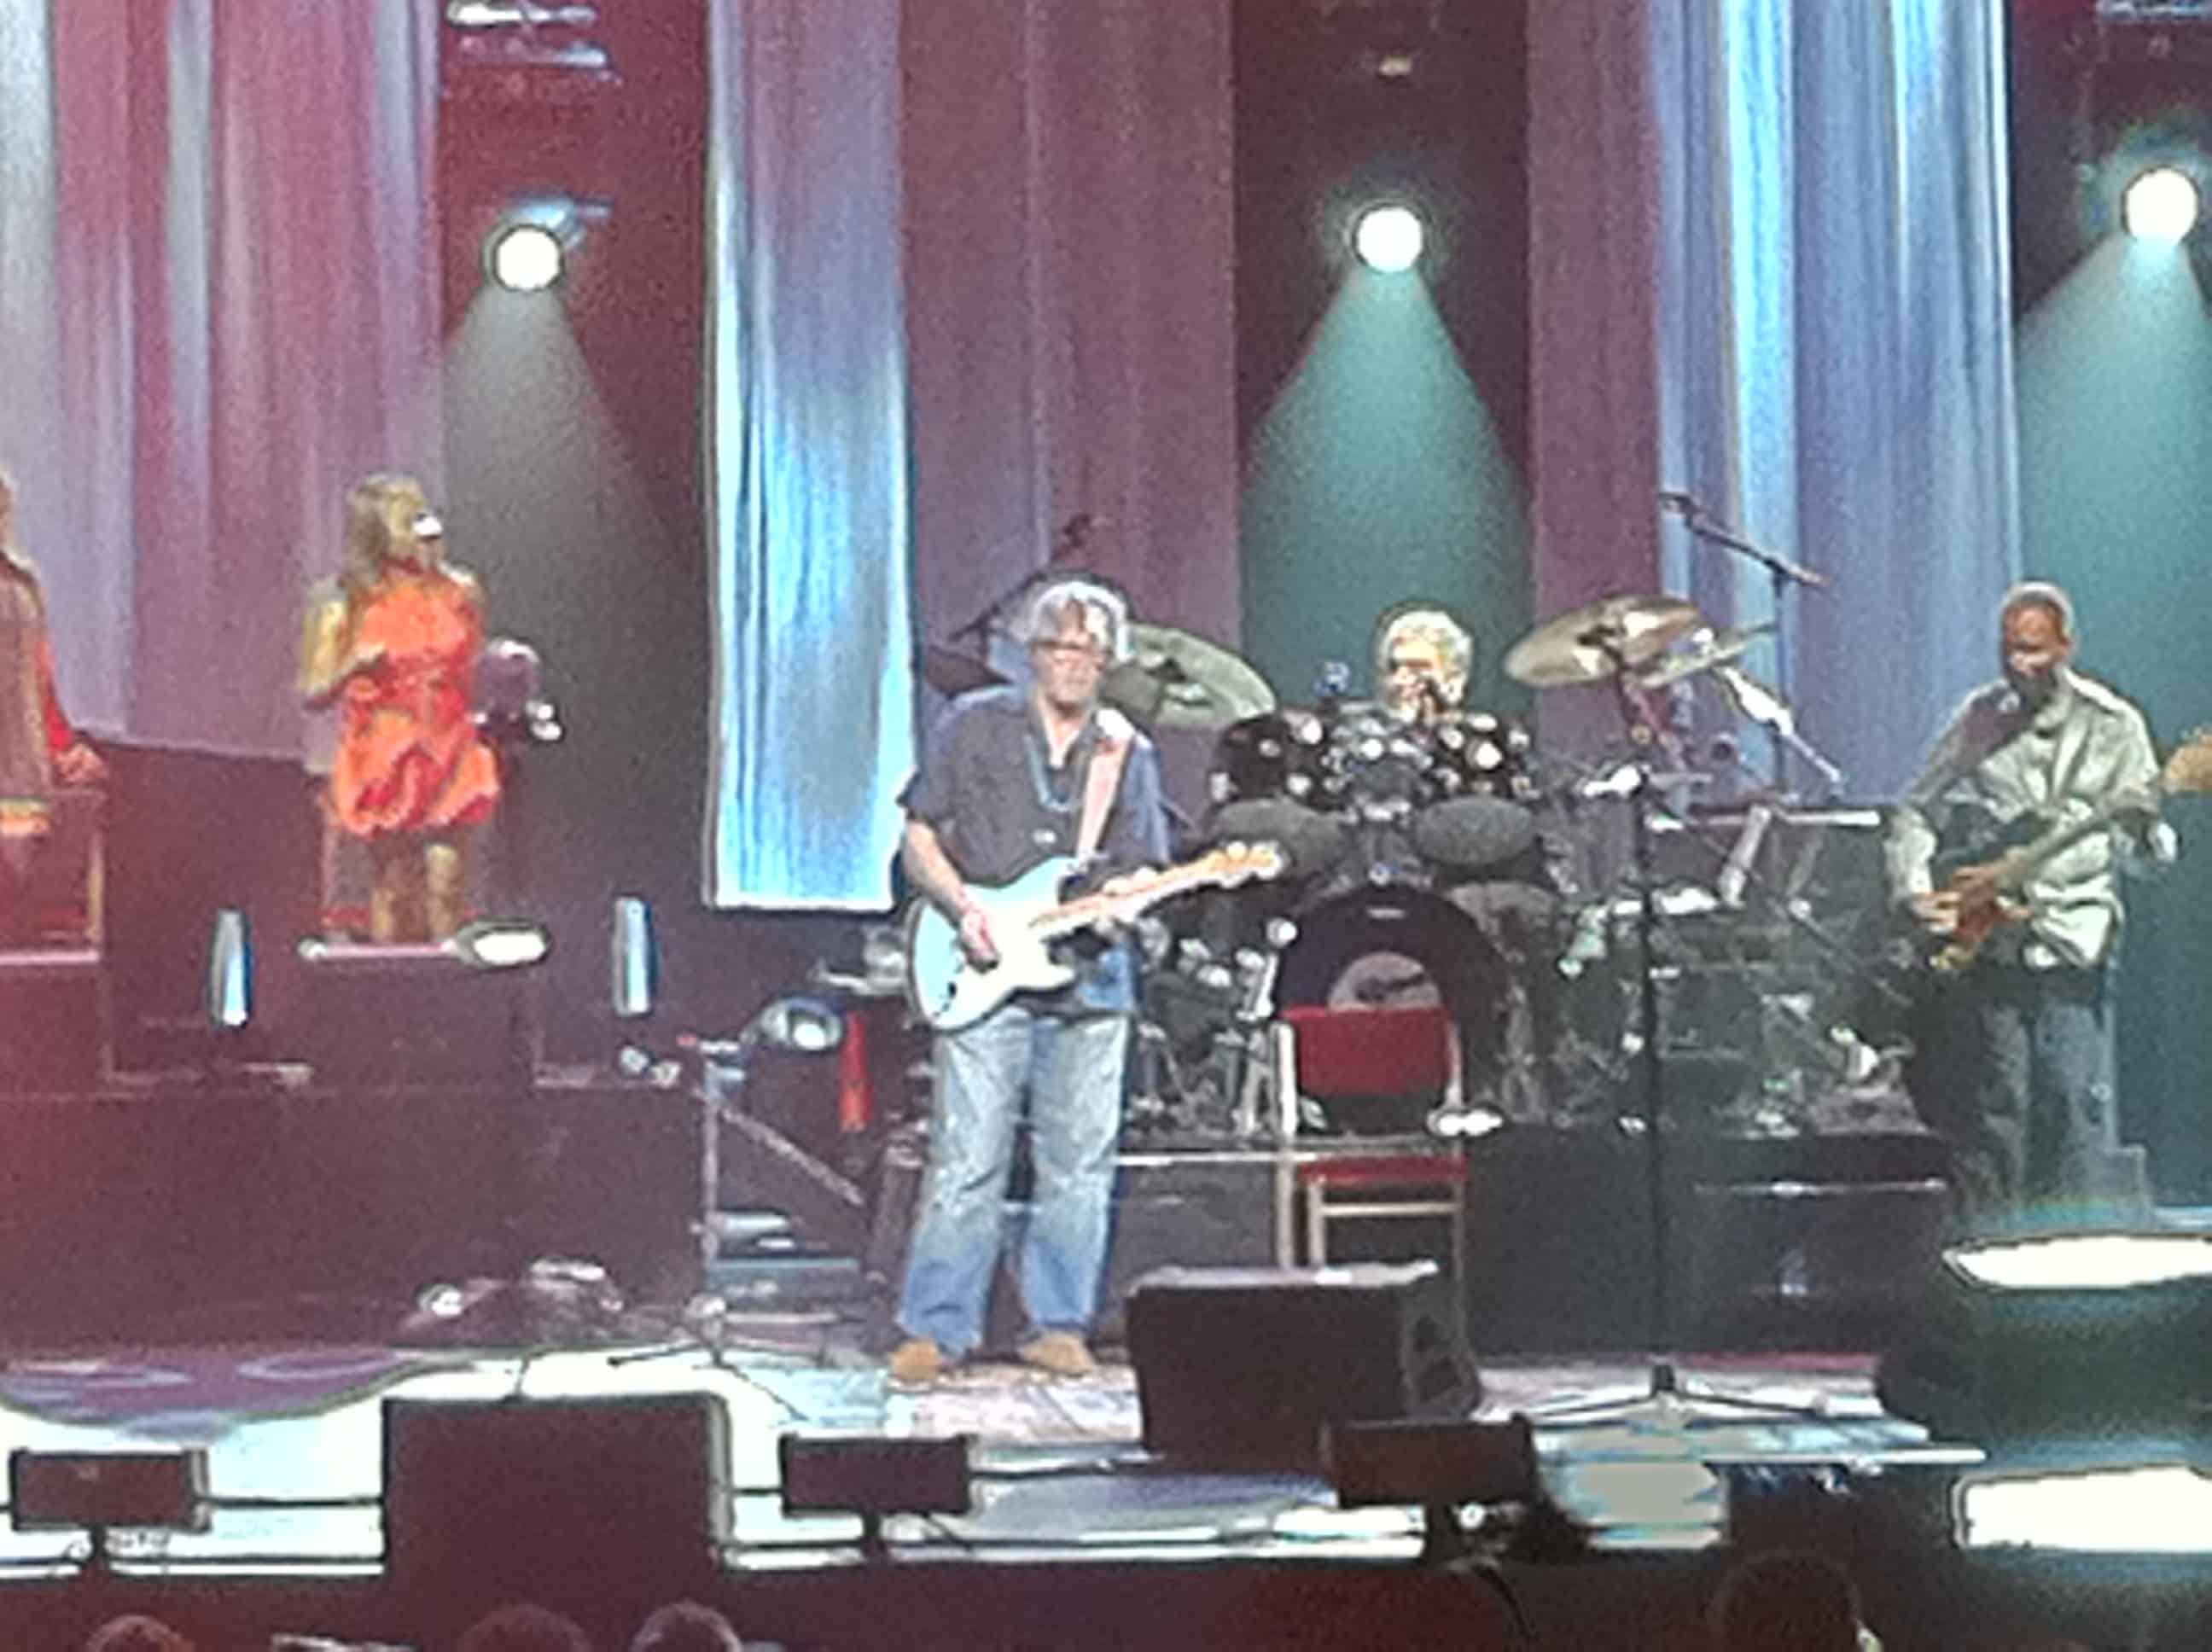 Eric Clapton @ Gibson Amphitheater